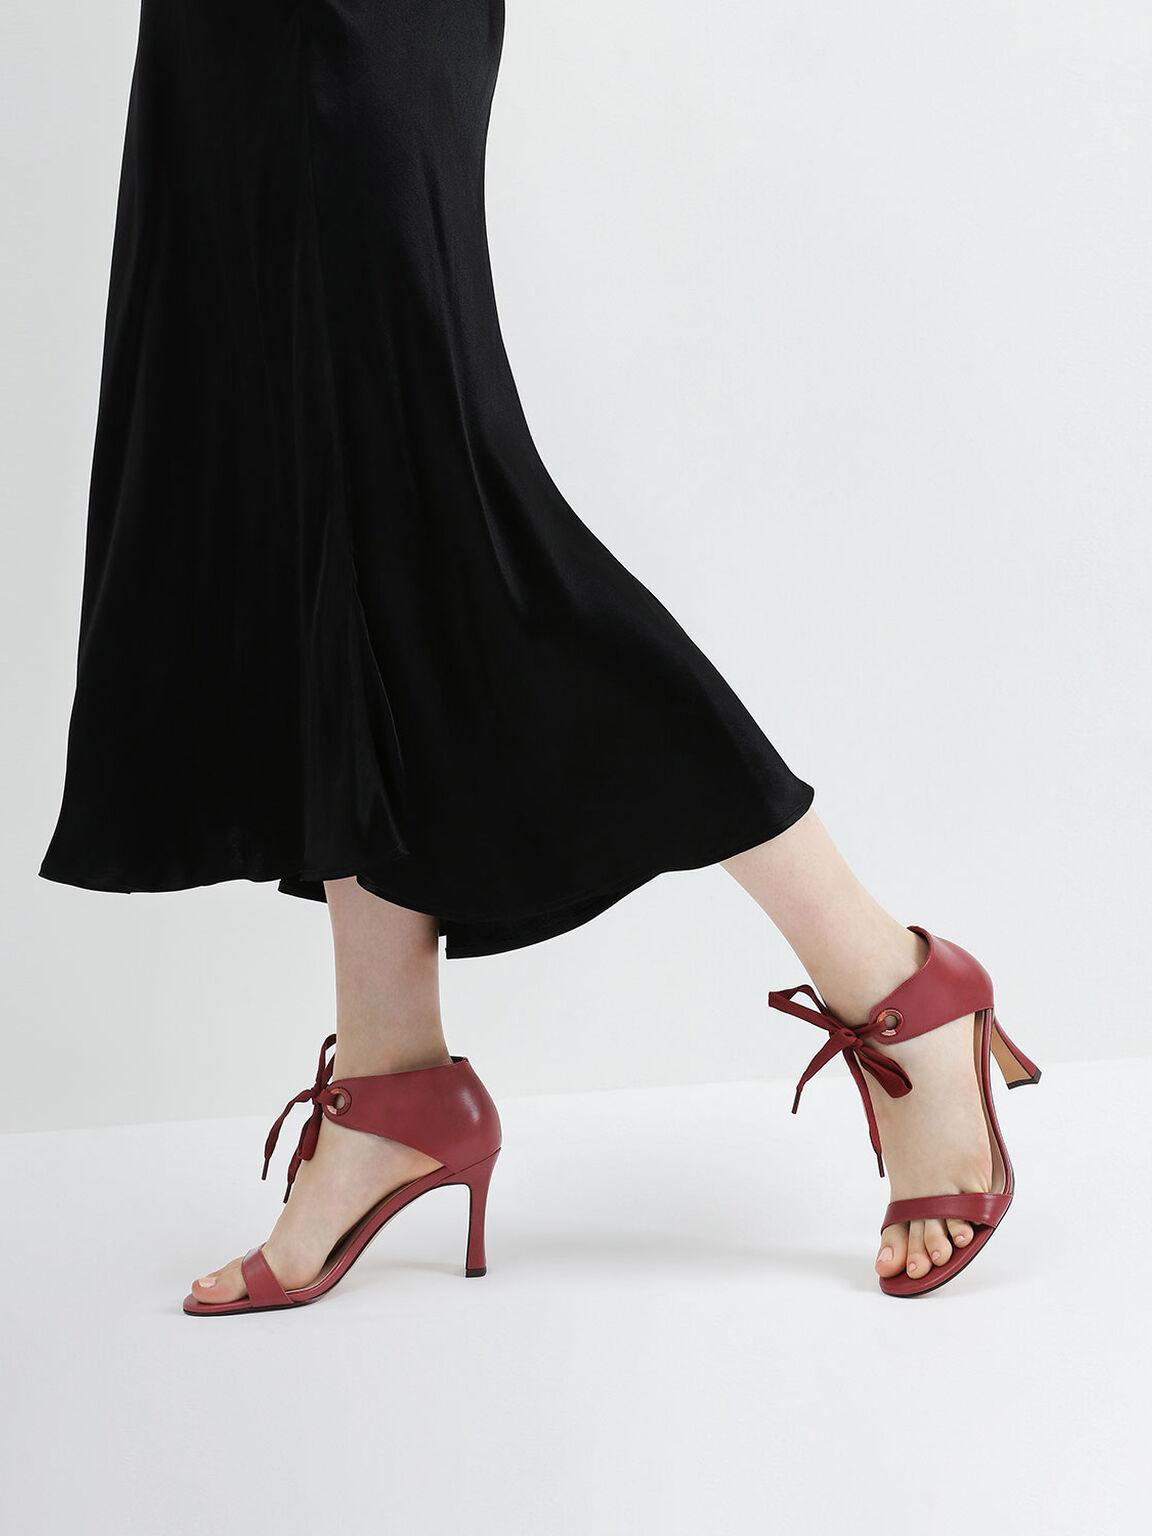 Bow Ankle Strap Sculptural Heel Sandals, Red, hi-res